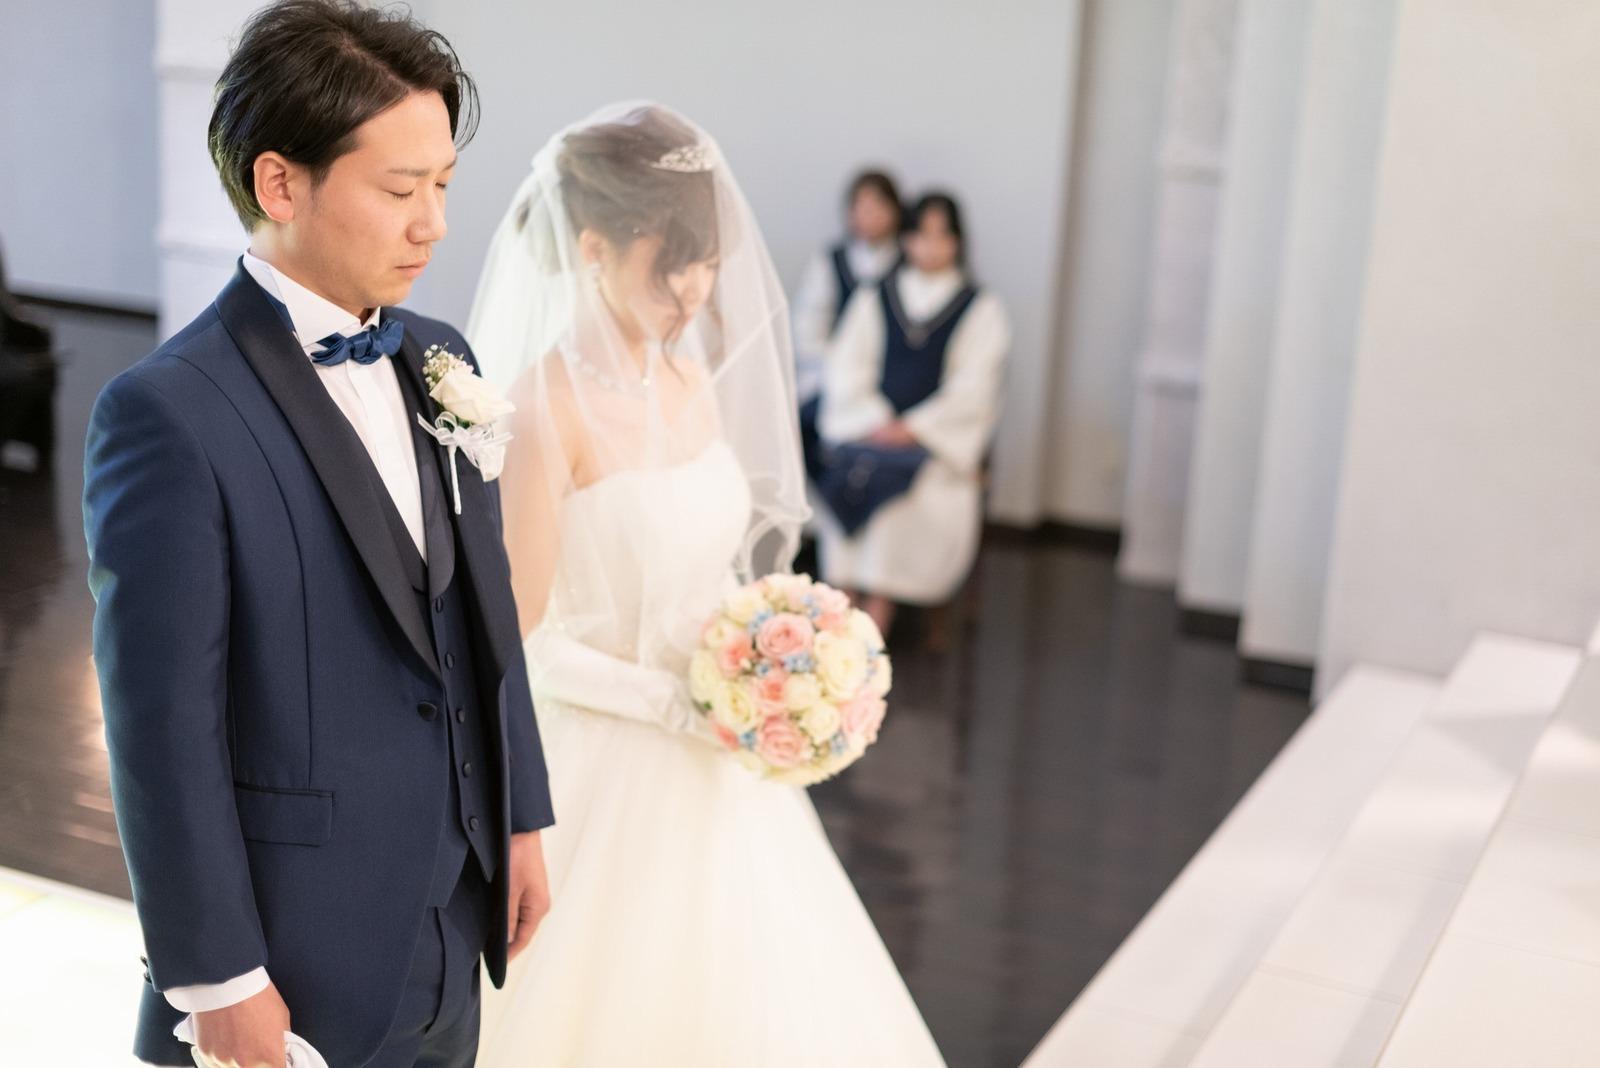 香川県の結婚式場のシェルエメール&アイスタイル 挙式